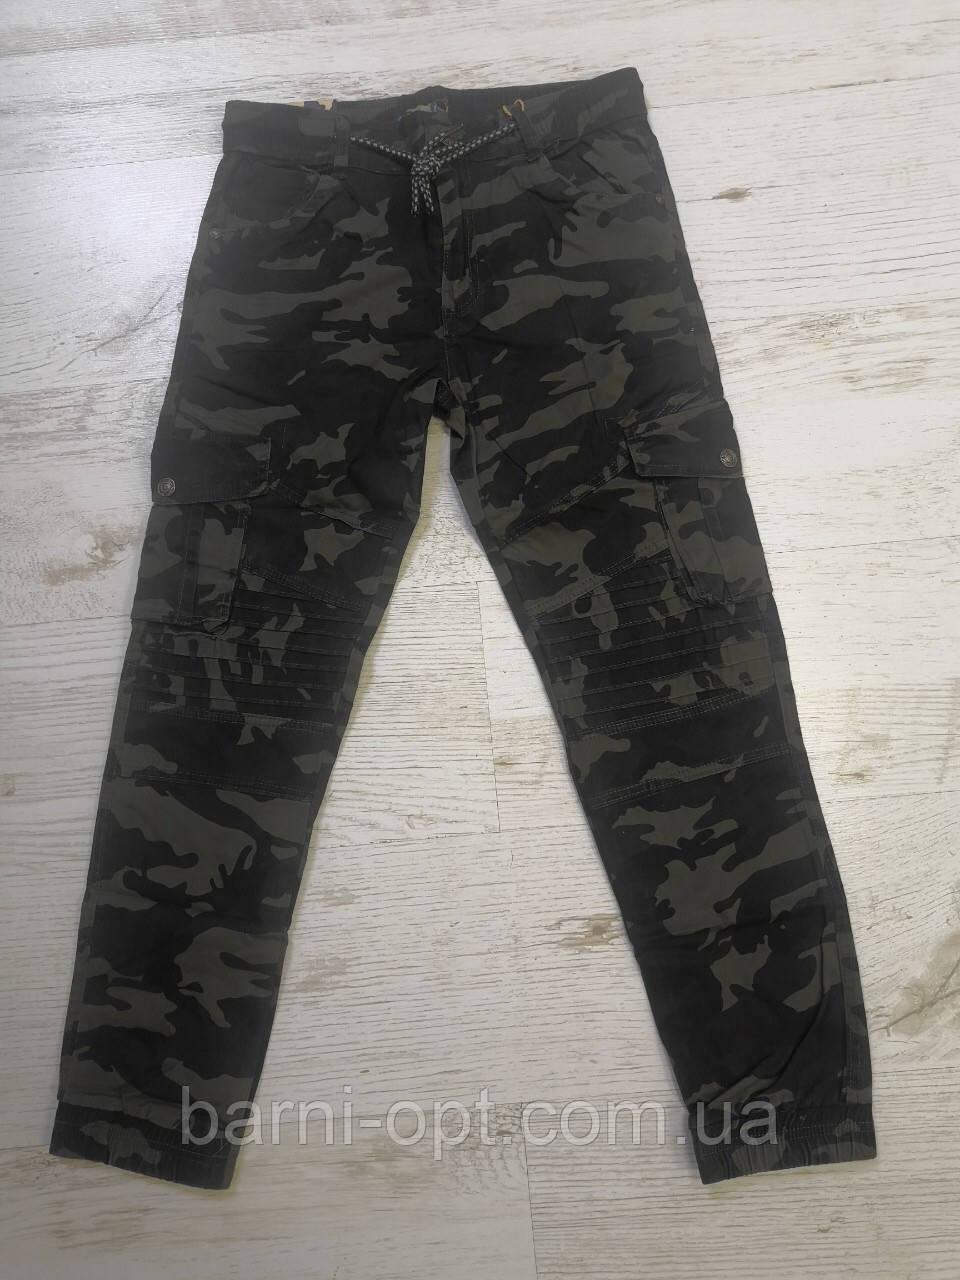 Коттоновые брюки для мальчиков, Seagull 134-164 рр